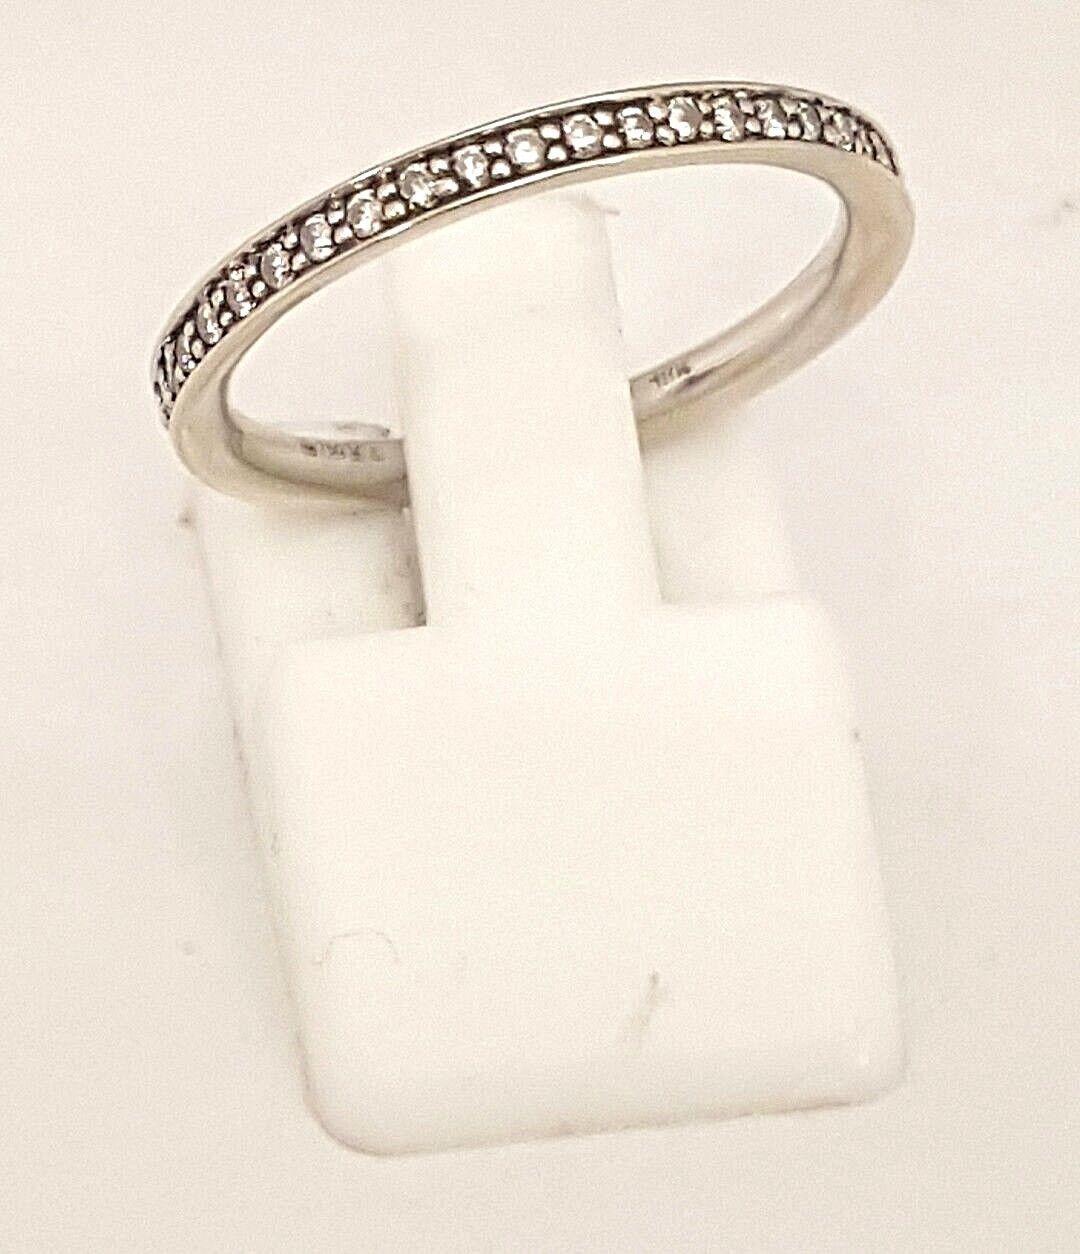 Nice Trauringe Eheringe Aus 585 Gold Bicolor Mit Diamant & Gratis Gravur A19014824 Trauringe